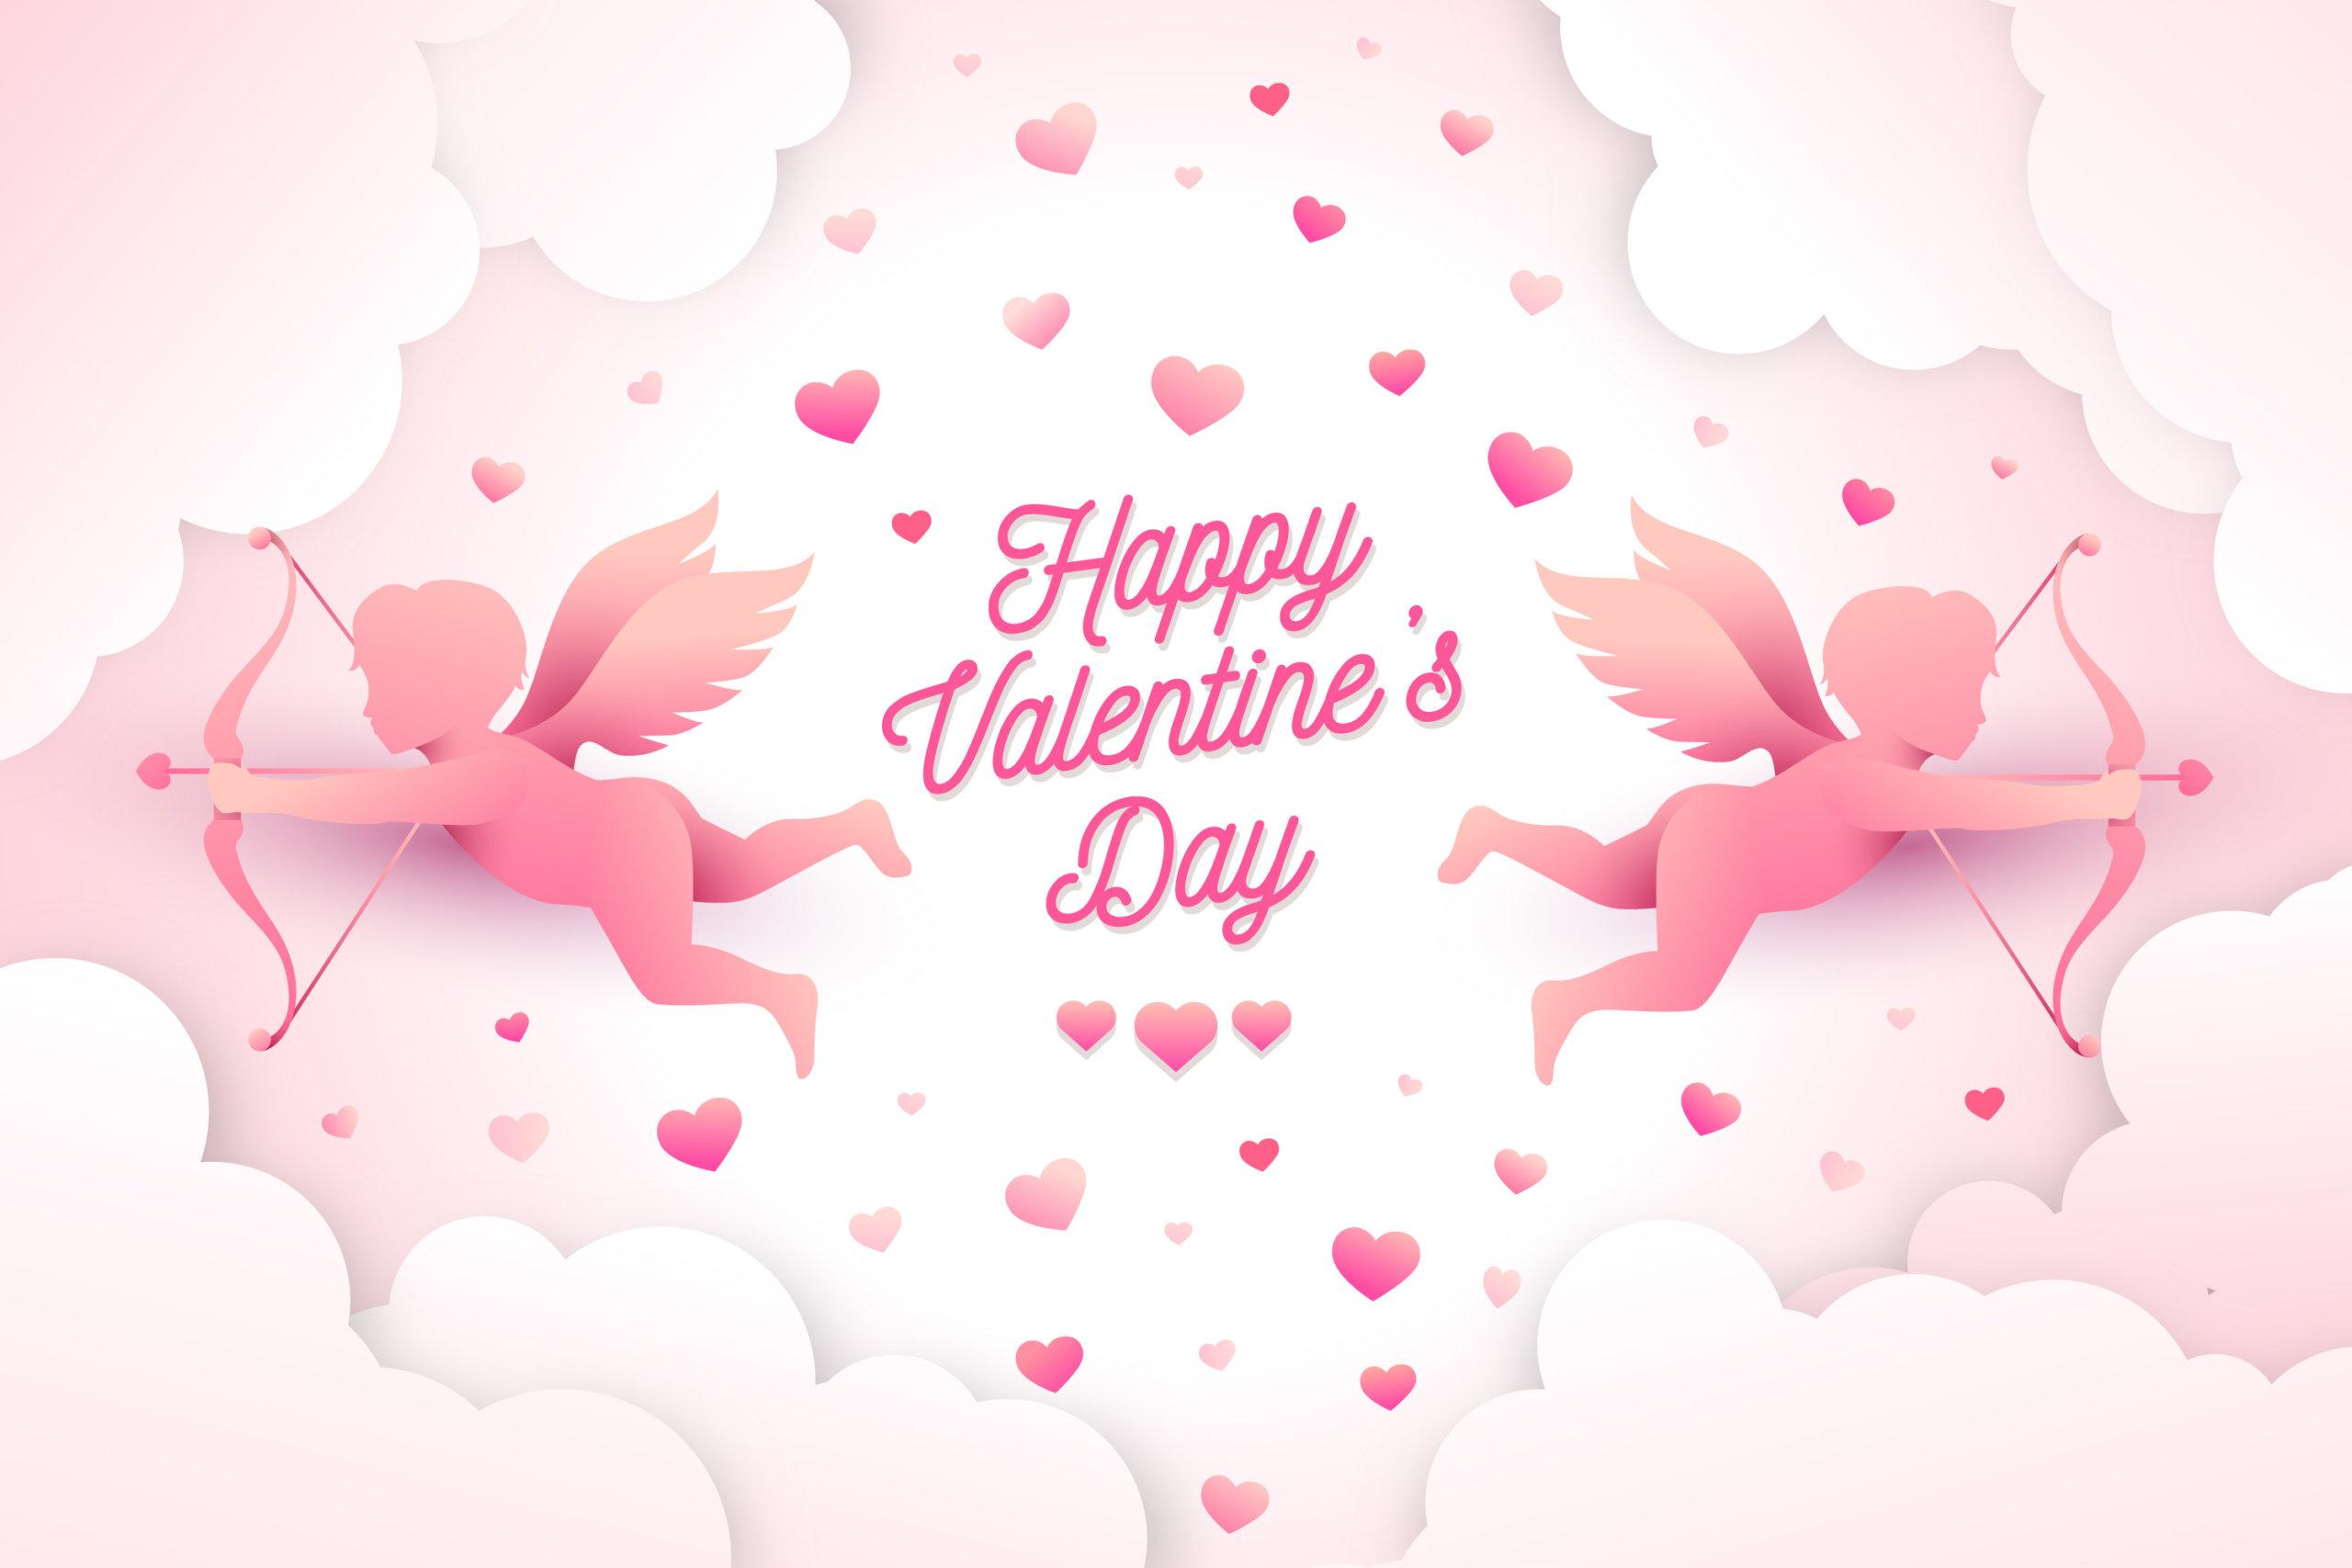 16款七夕节情人节爱心心形公益慈善海报传单AI设计素材 Valentines Day Love Promotion Poster插图5